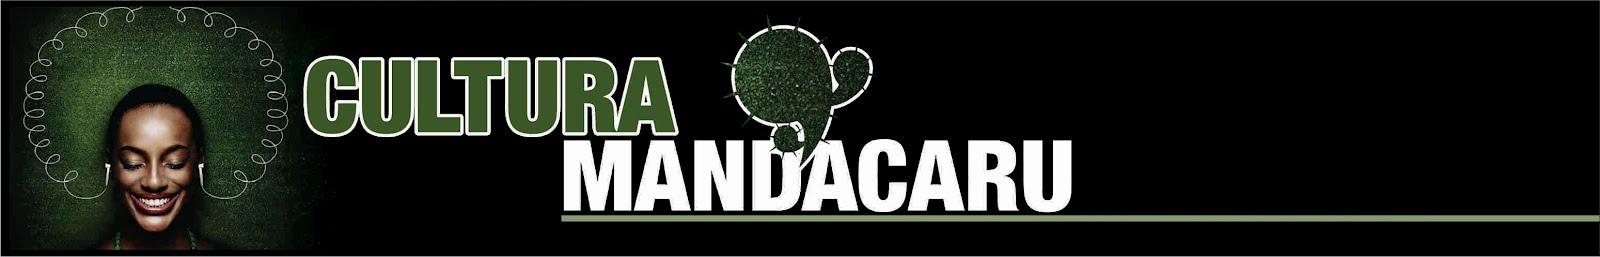 Cultura Mandacaru